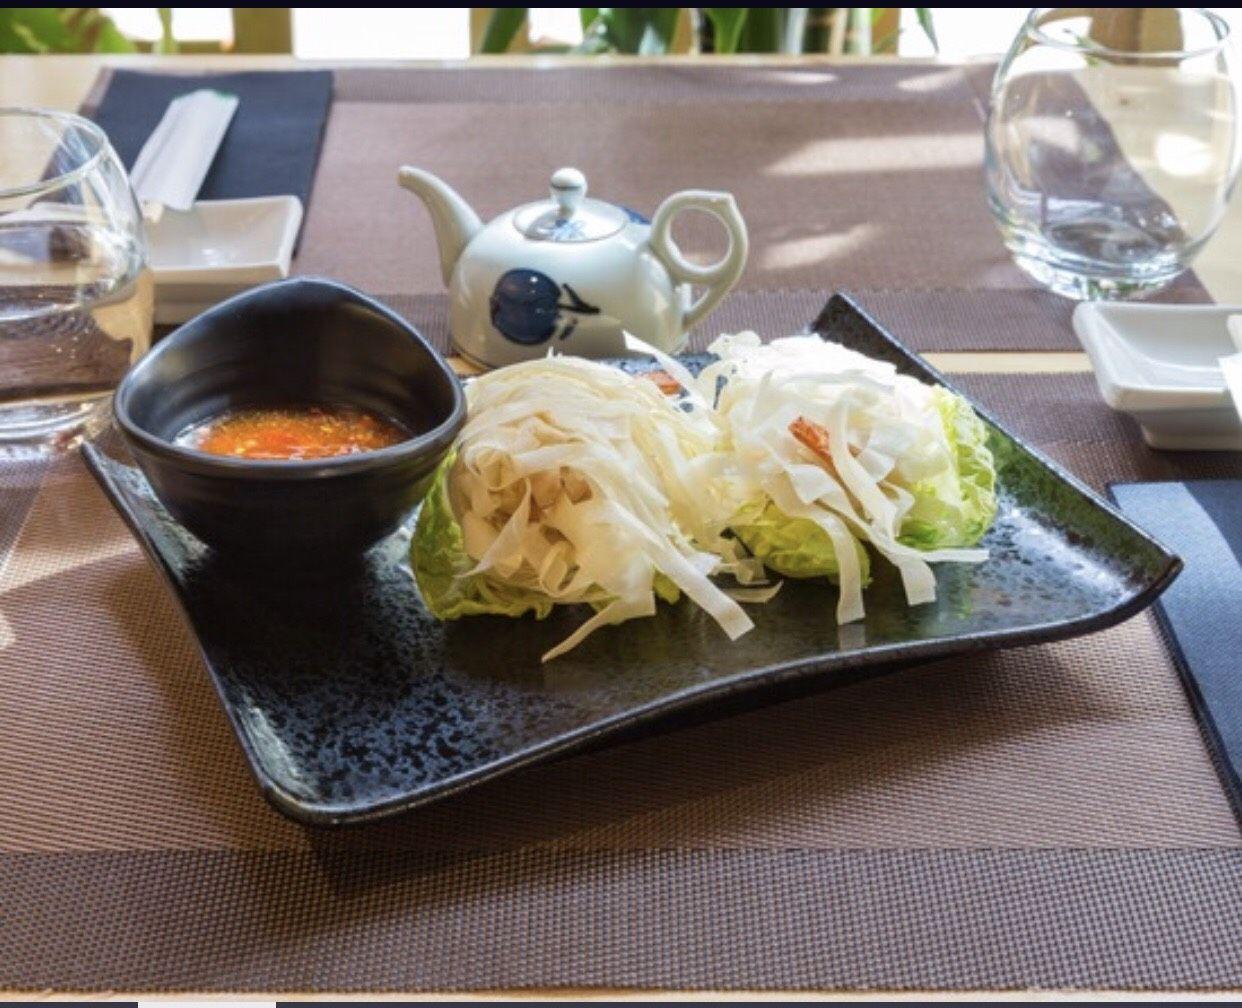 Cocina japonesa con productos frescos en Poblenou Barcelona